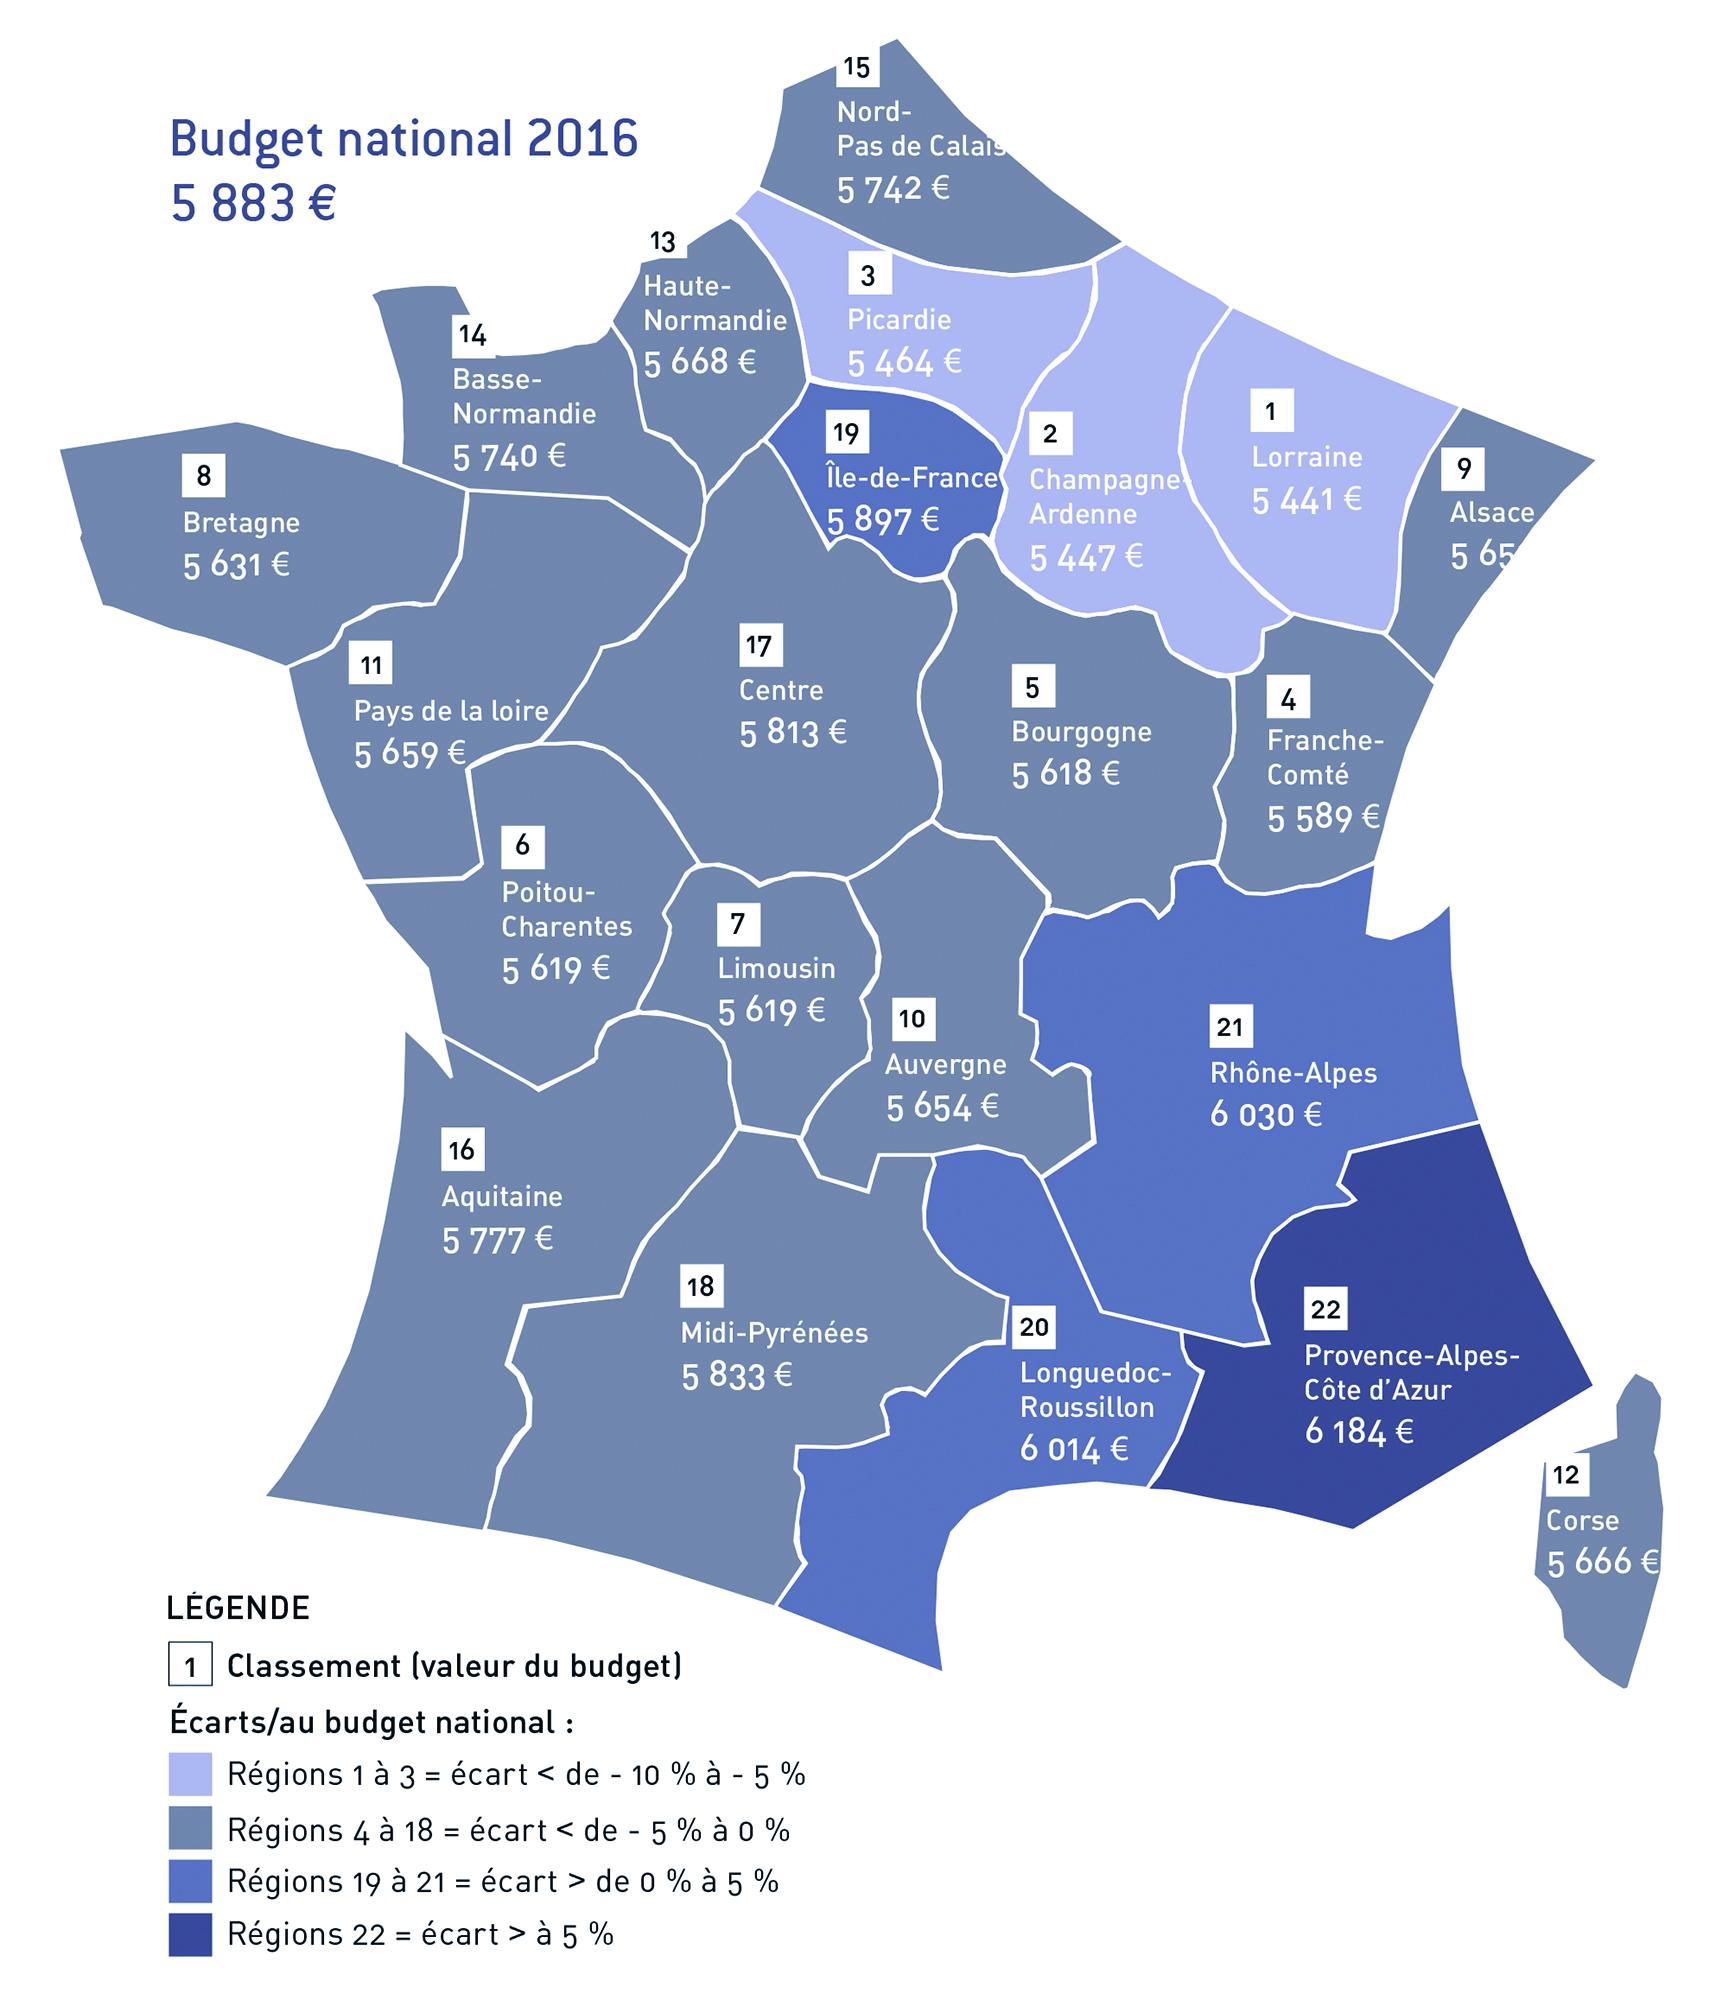 Carte de France Budget 2016 avec légende